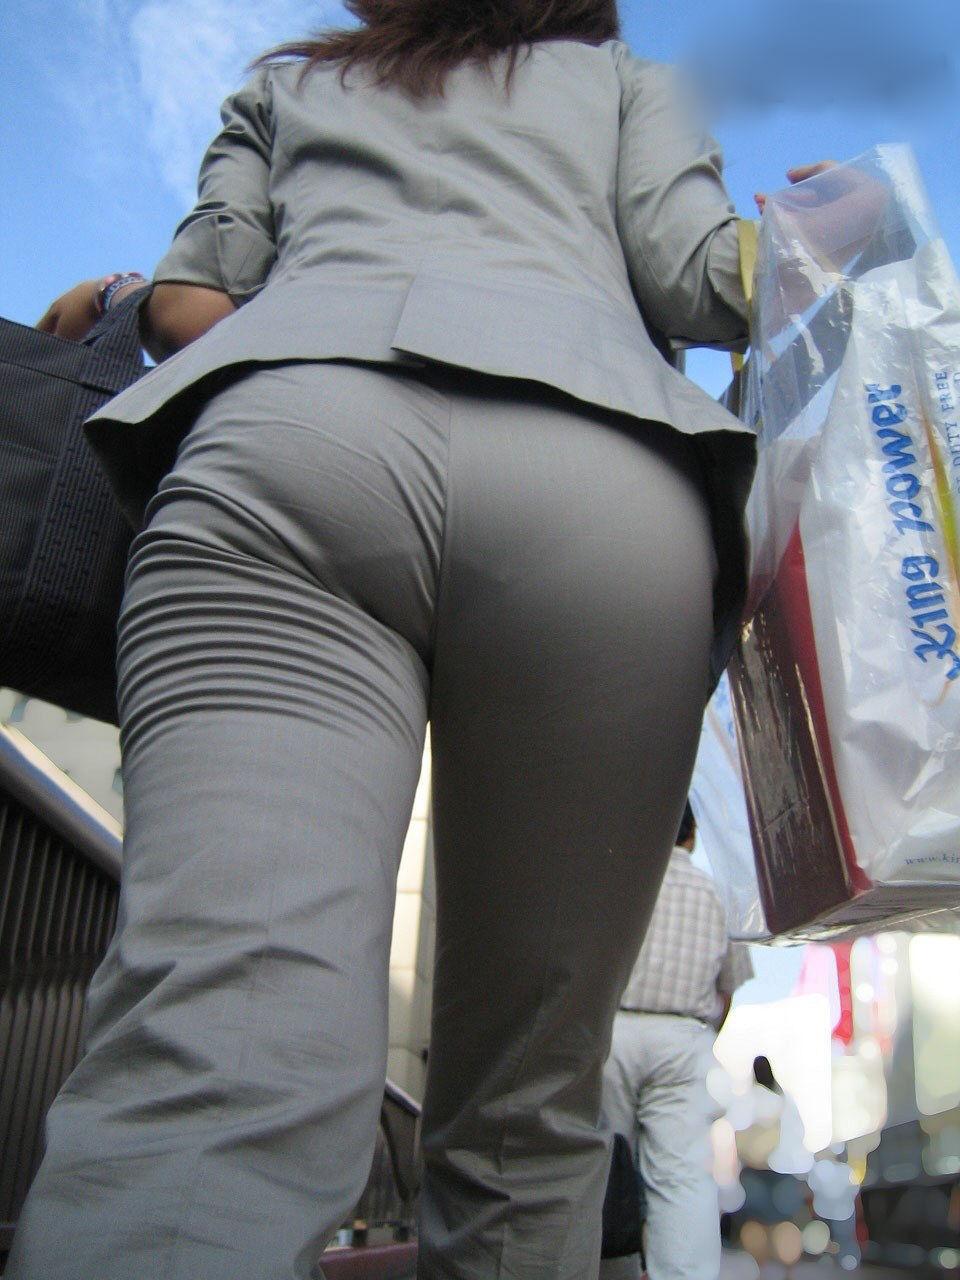 【パンツスーツOL画像】お尻の形やパンティーラインまで丸分かり…ぴたパンを履いて働く女性がエロいww